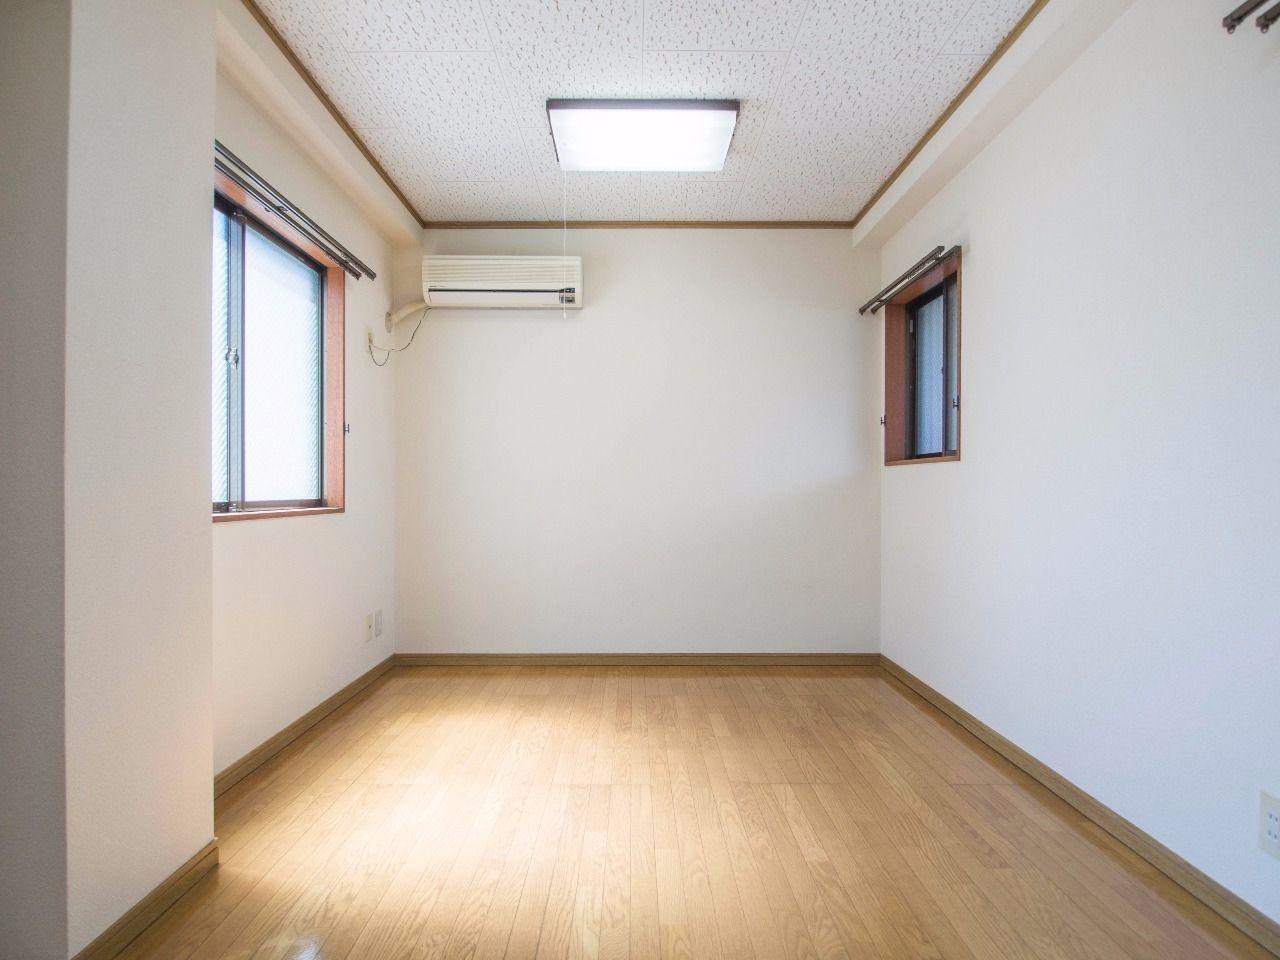 窓が多く風通しの良いお部屋